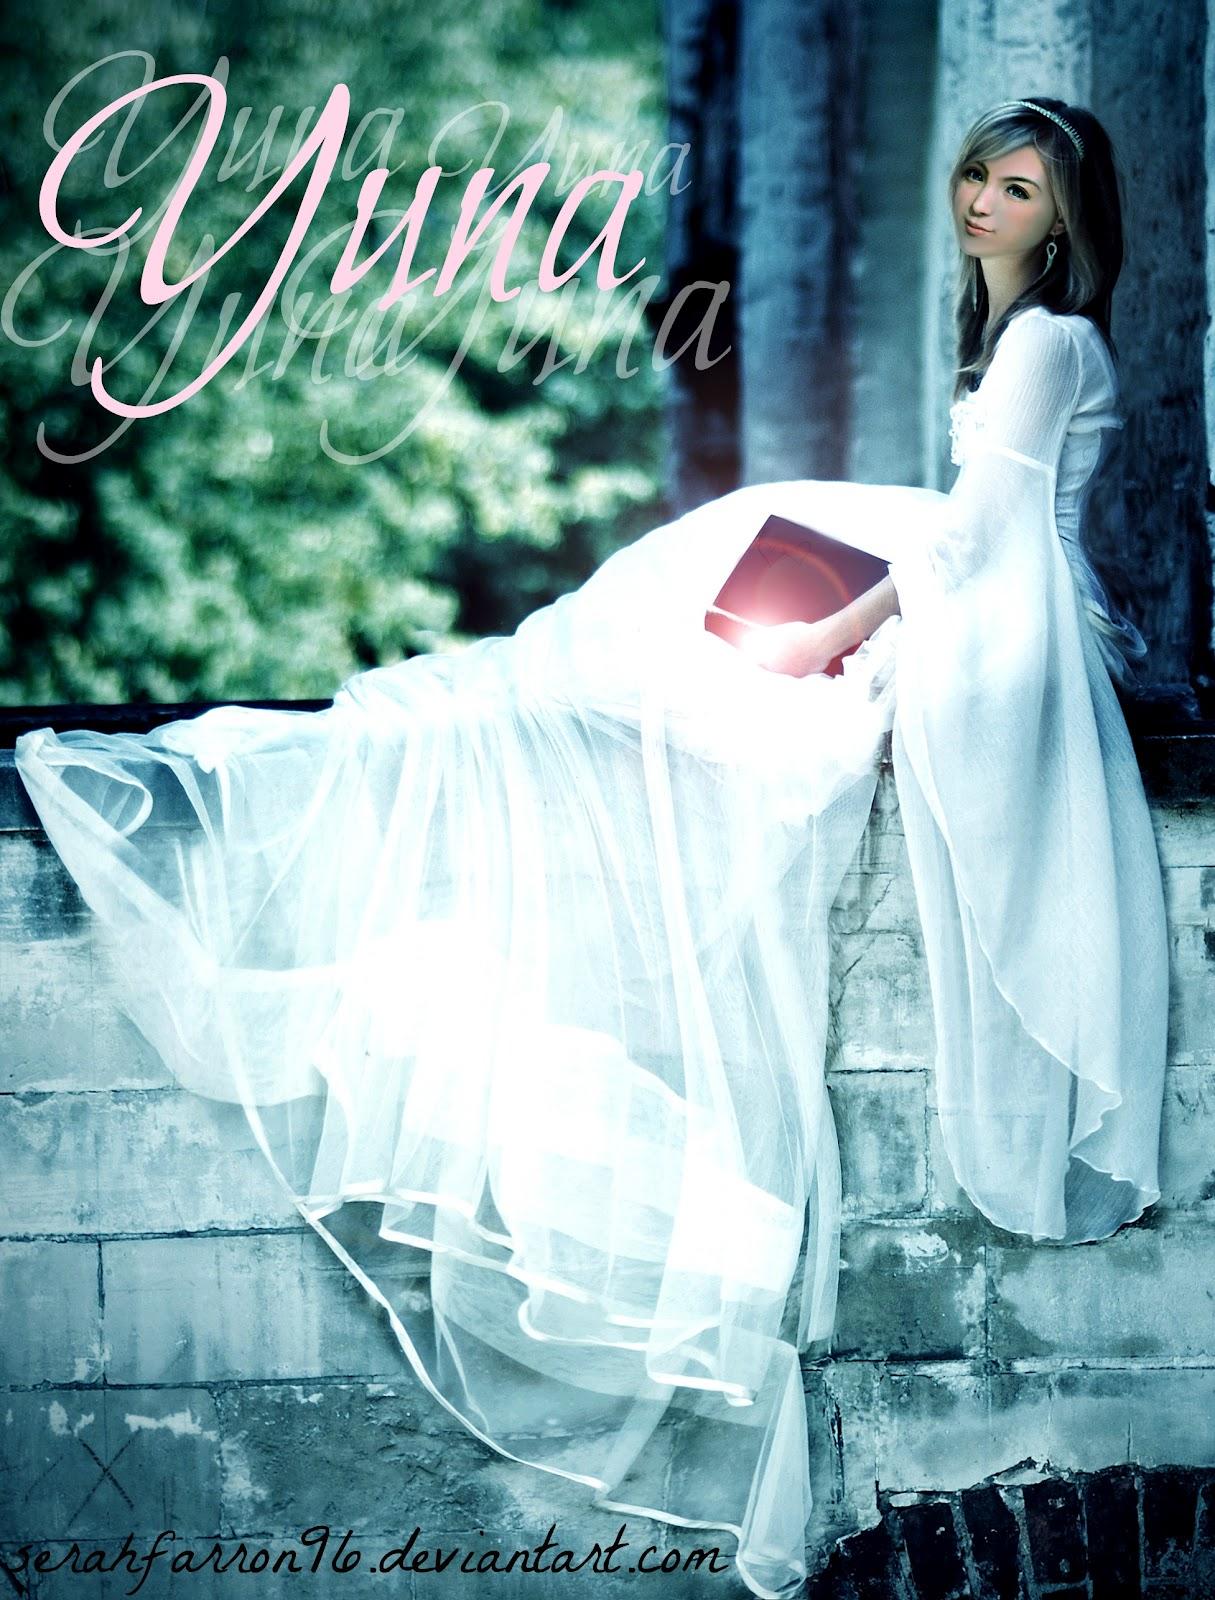 http://4.bp.blogspot.com/-C5Y-qoXcaQ0/T6ZXa0aIR4I/AAAAAAAAAEs/YPbwYIoxpq8/s1600/YunaManip2.jpg